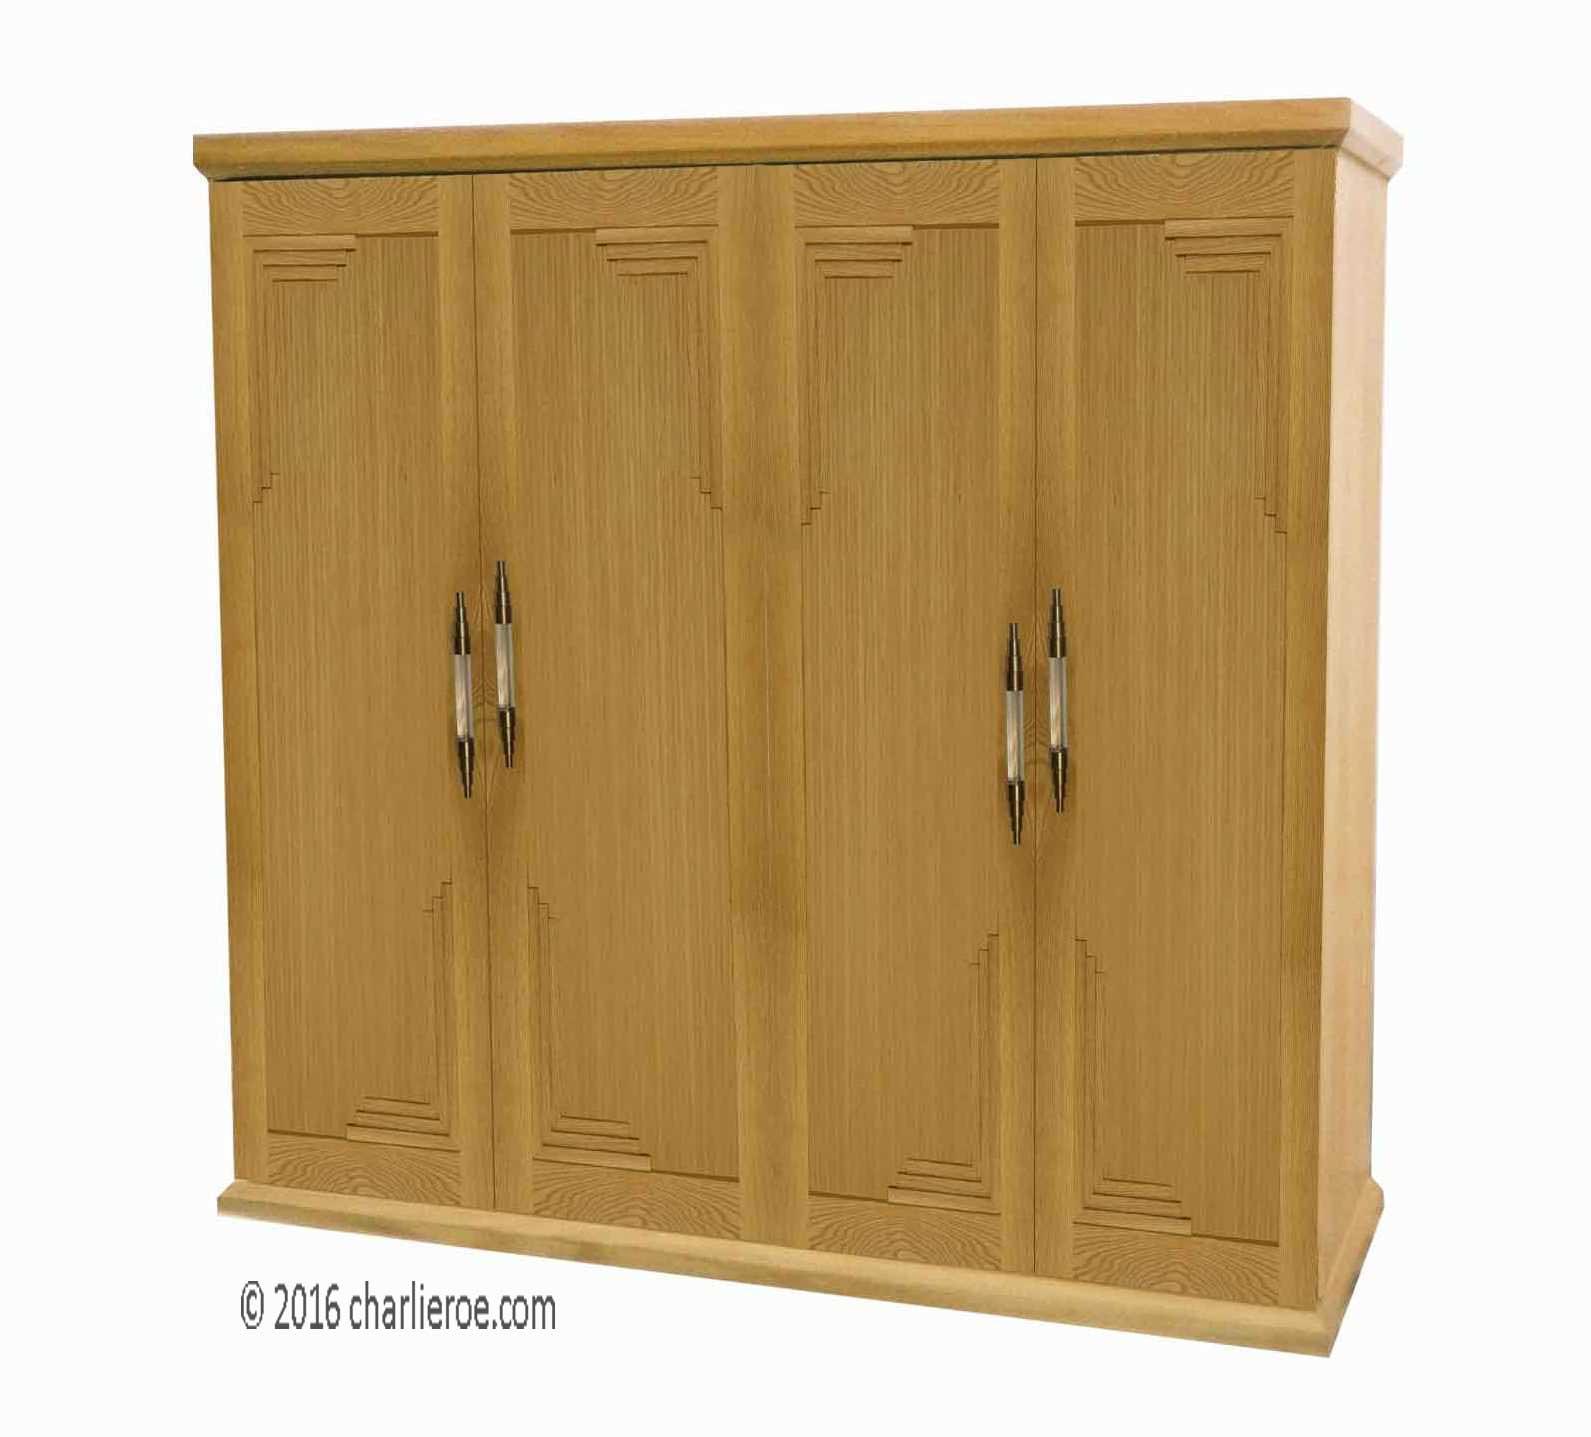 Built In Armoire Bedroom Art Deco Bedroom Suite Young Male Bedroom Decorating Ideas Bedroom Decor Sets: New Art Deco Bedroom Freestanding & Built-in 2 3 & 4 Door